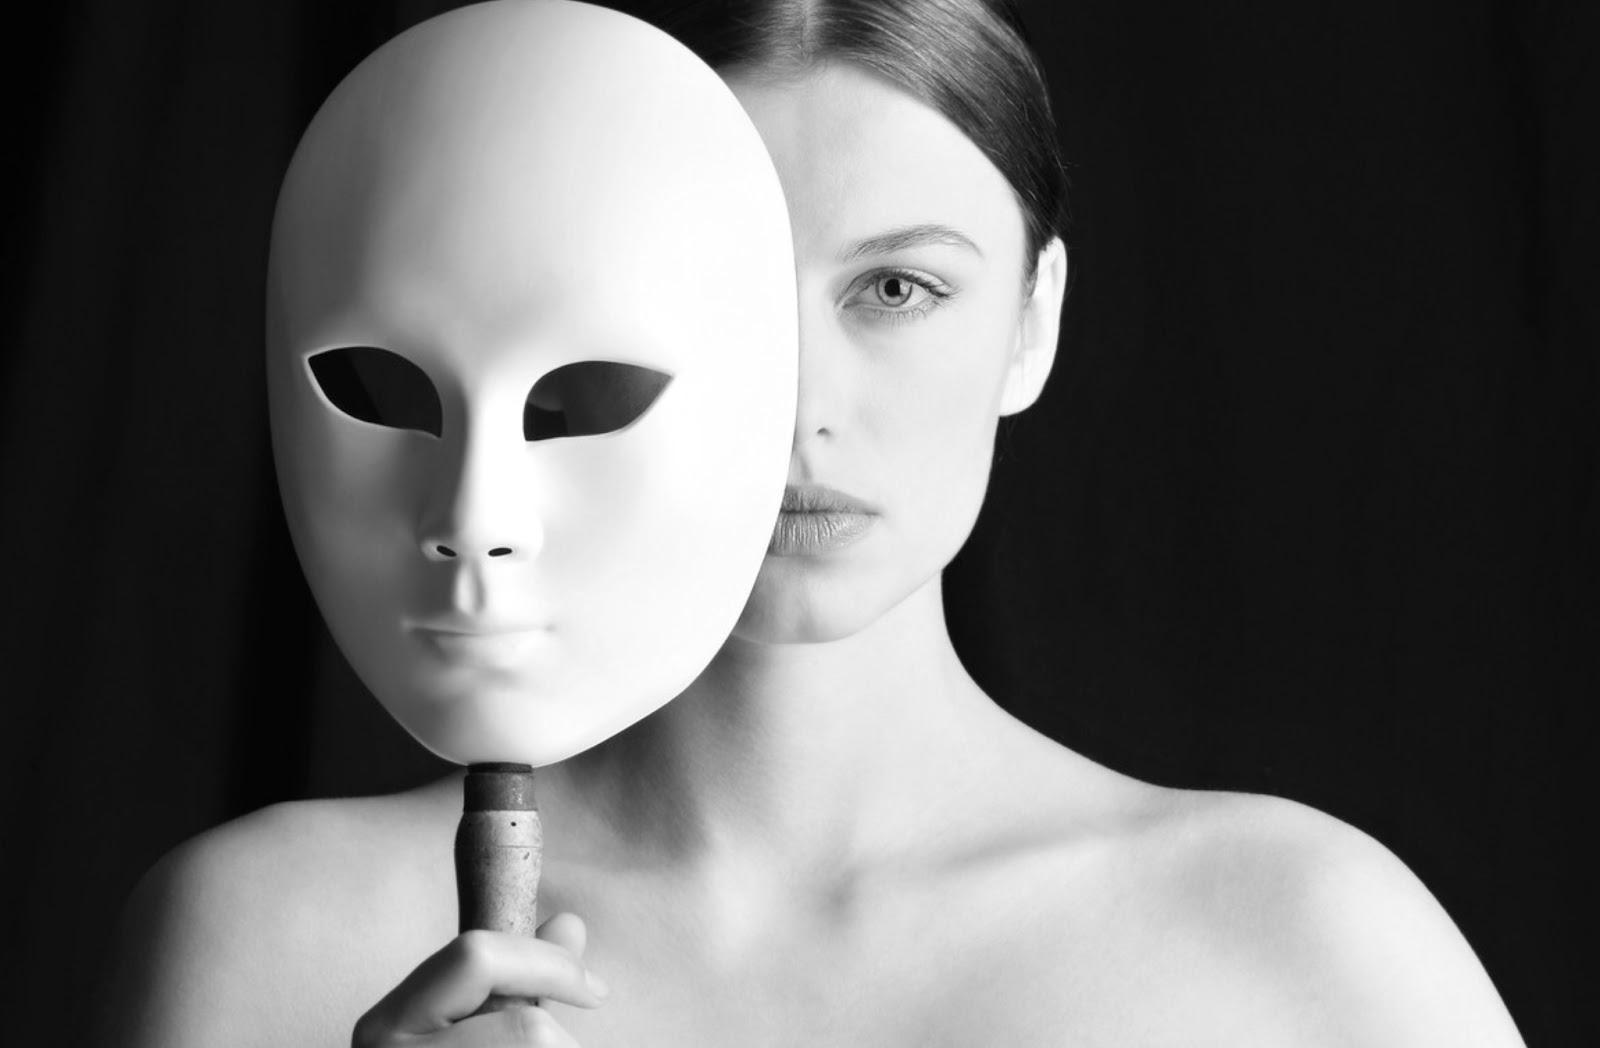 Что такое лицемерие в современном обществе и как с ним бороться?